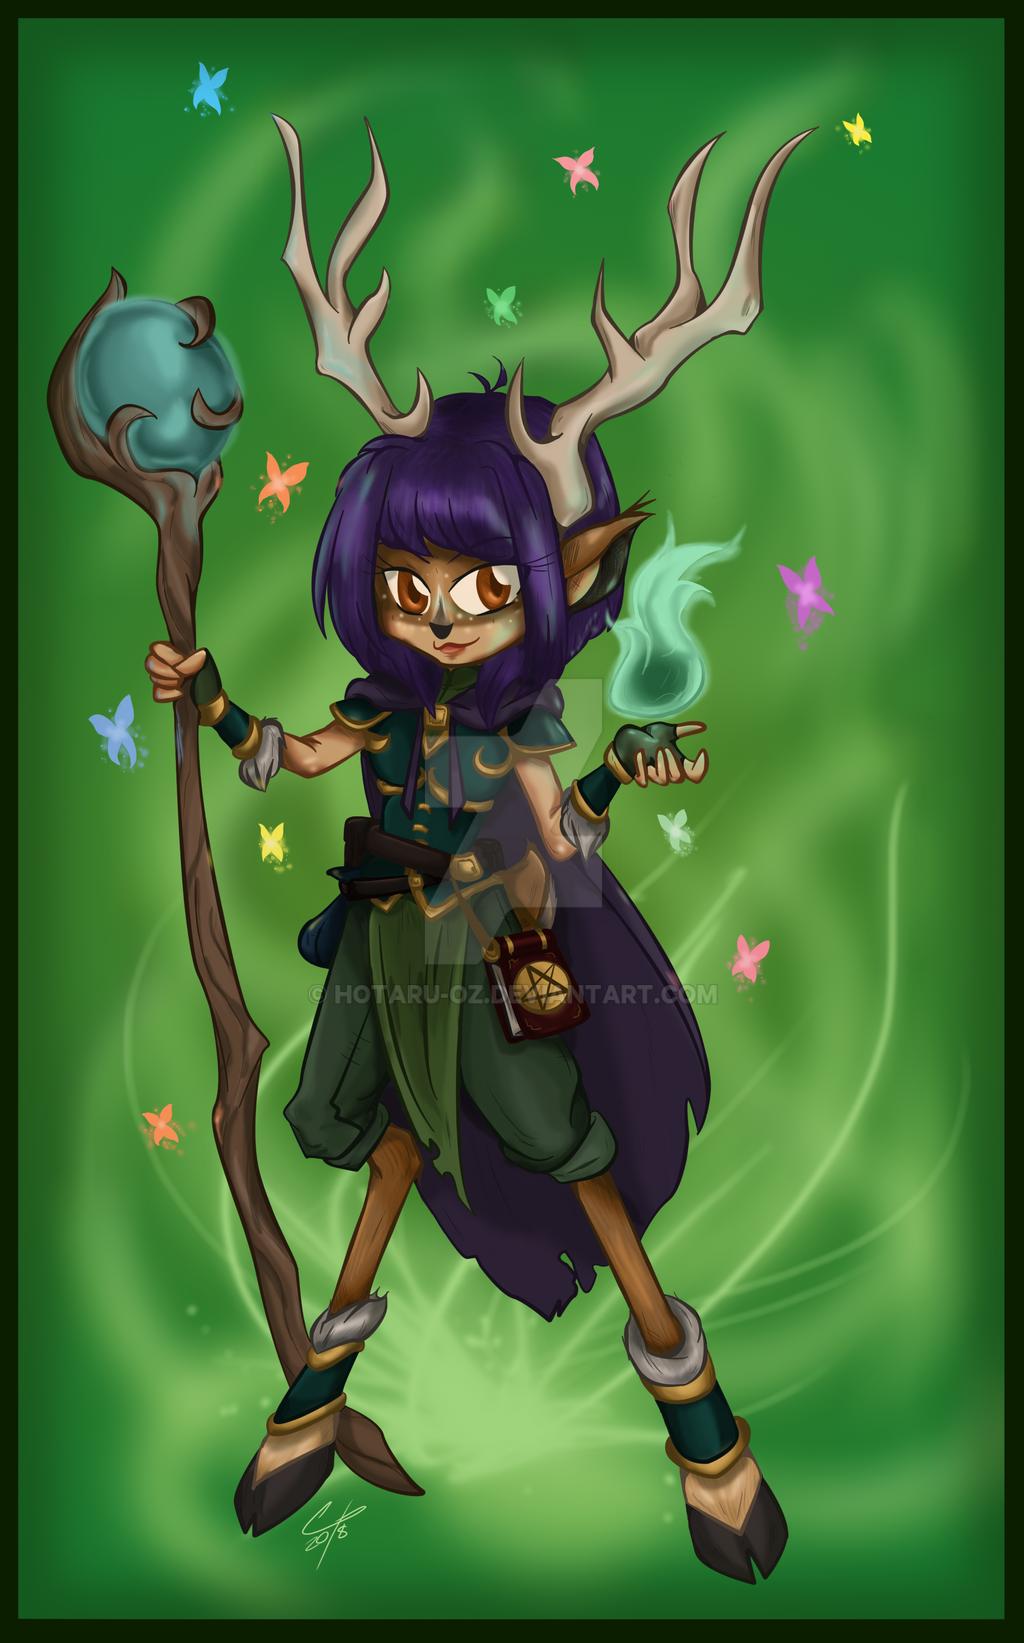 The Druid by Hotaru-oz